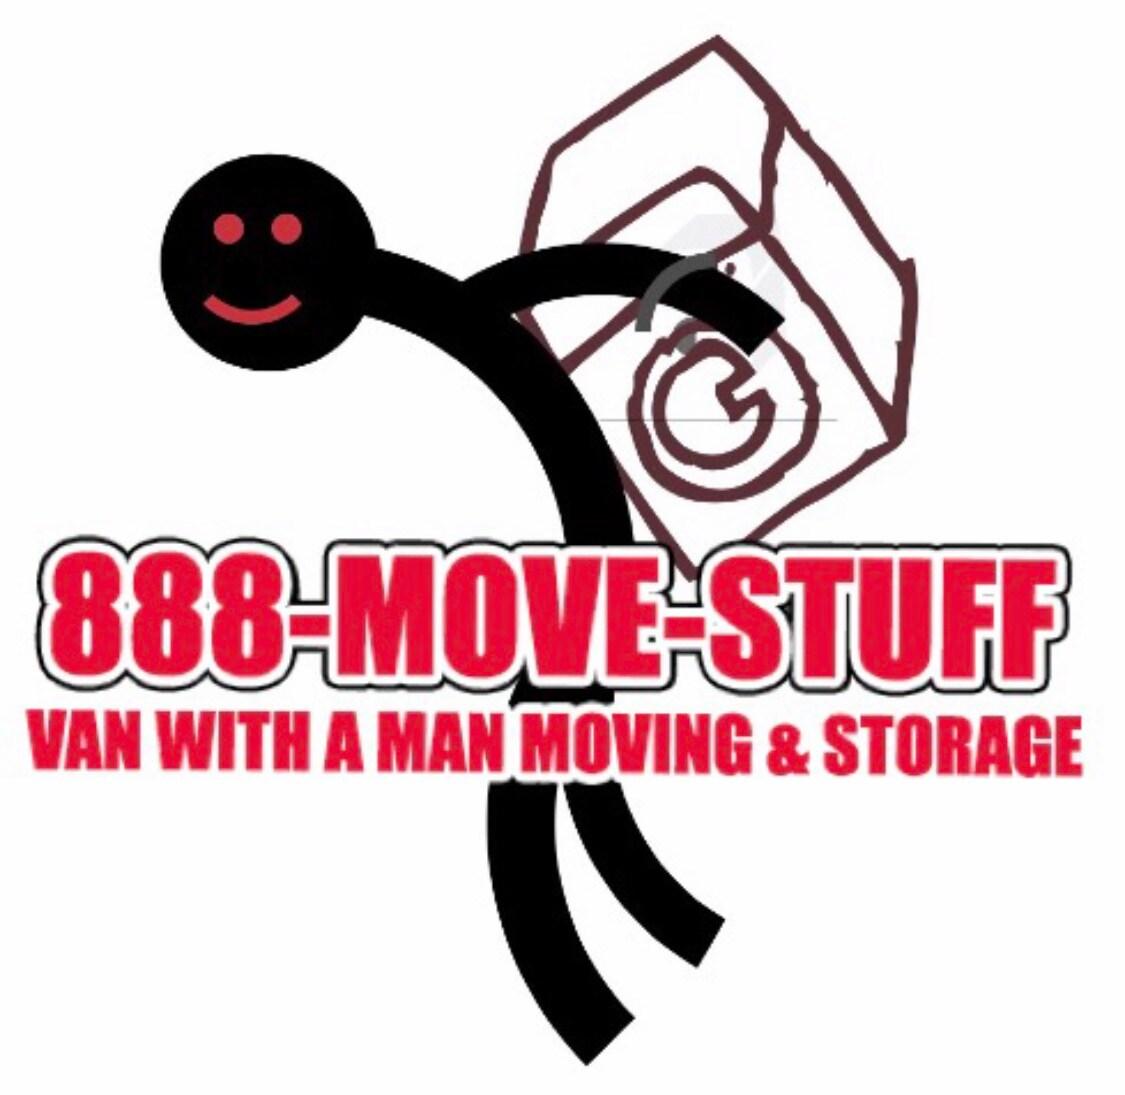 Van With a Man